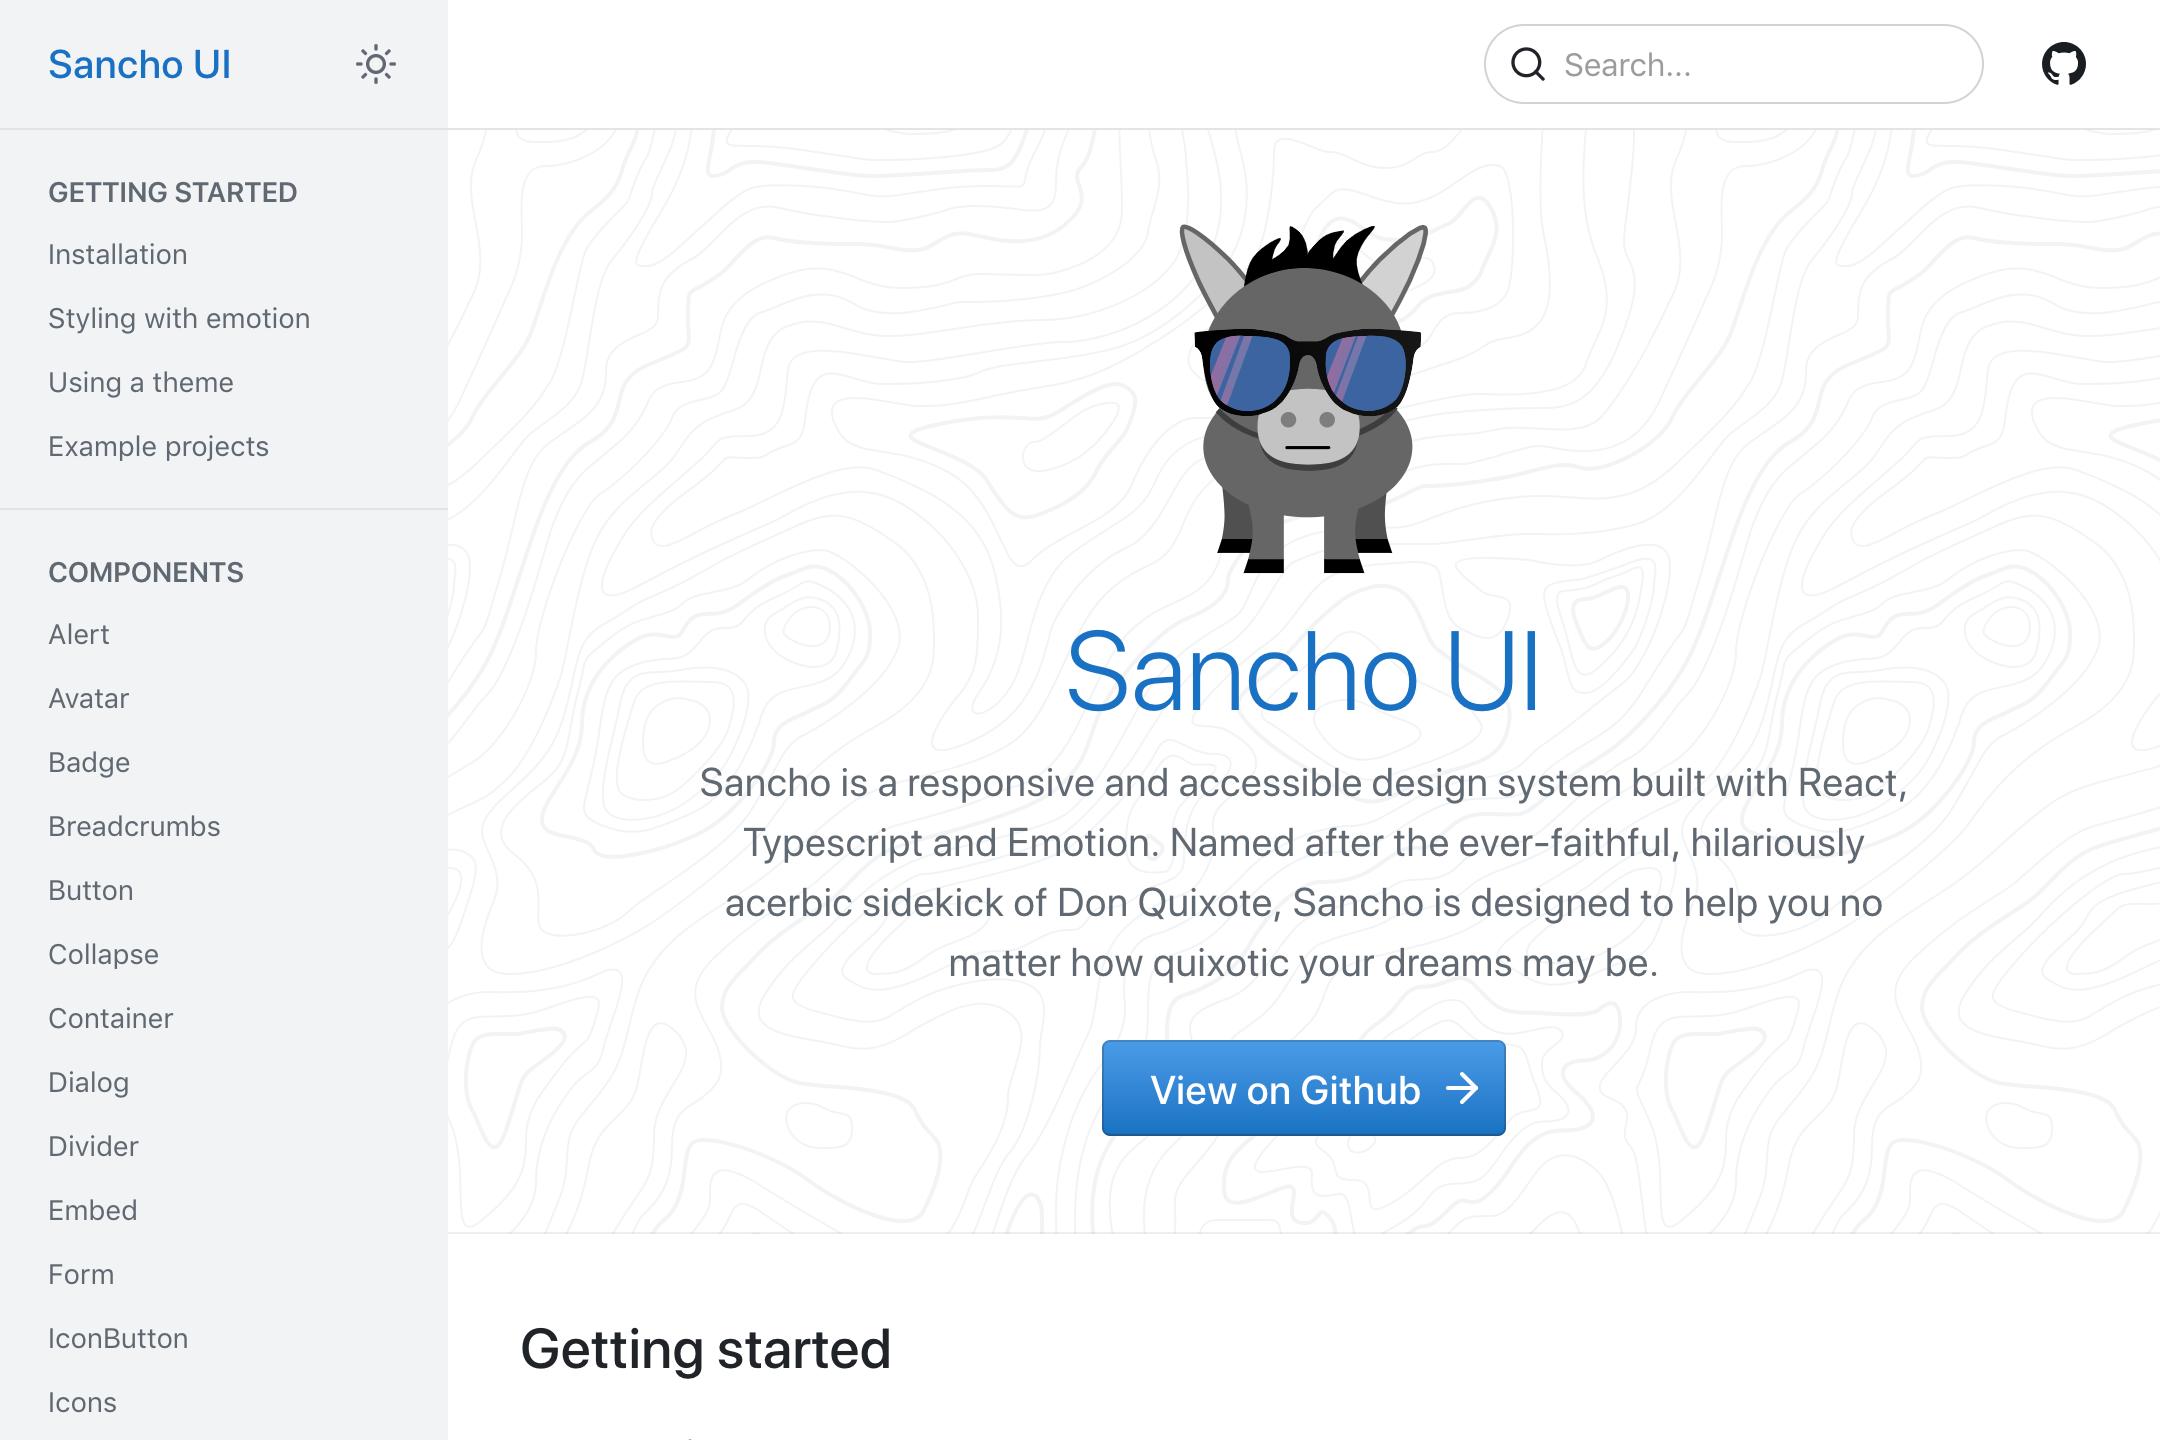 sancho-ui.com_.png (603.4 kB)